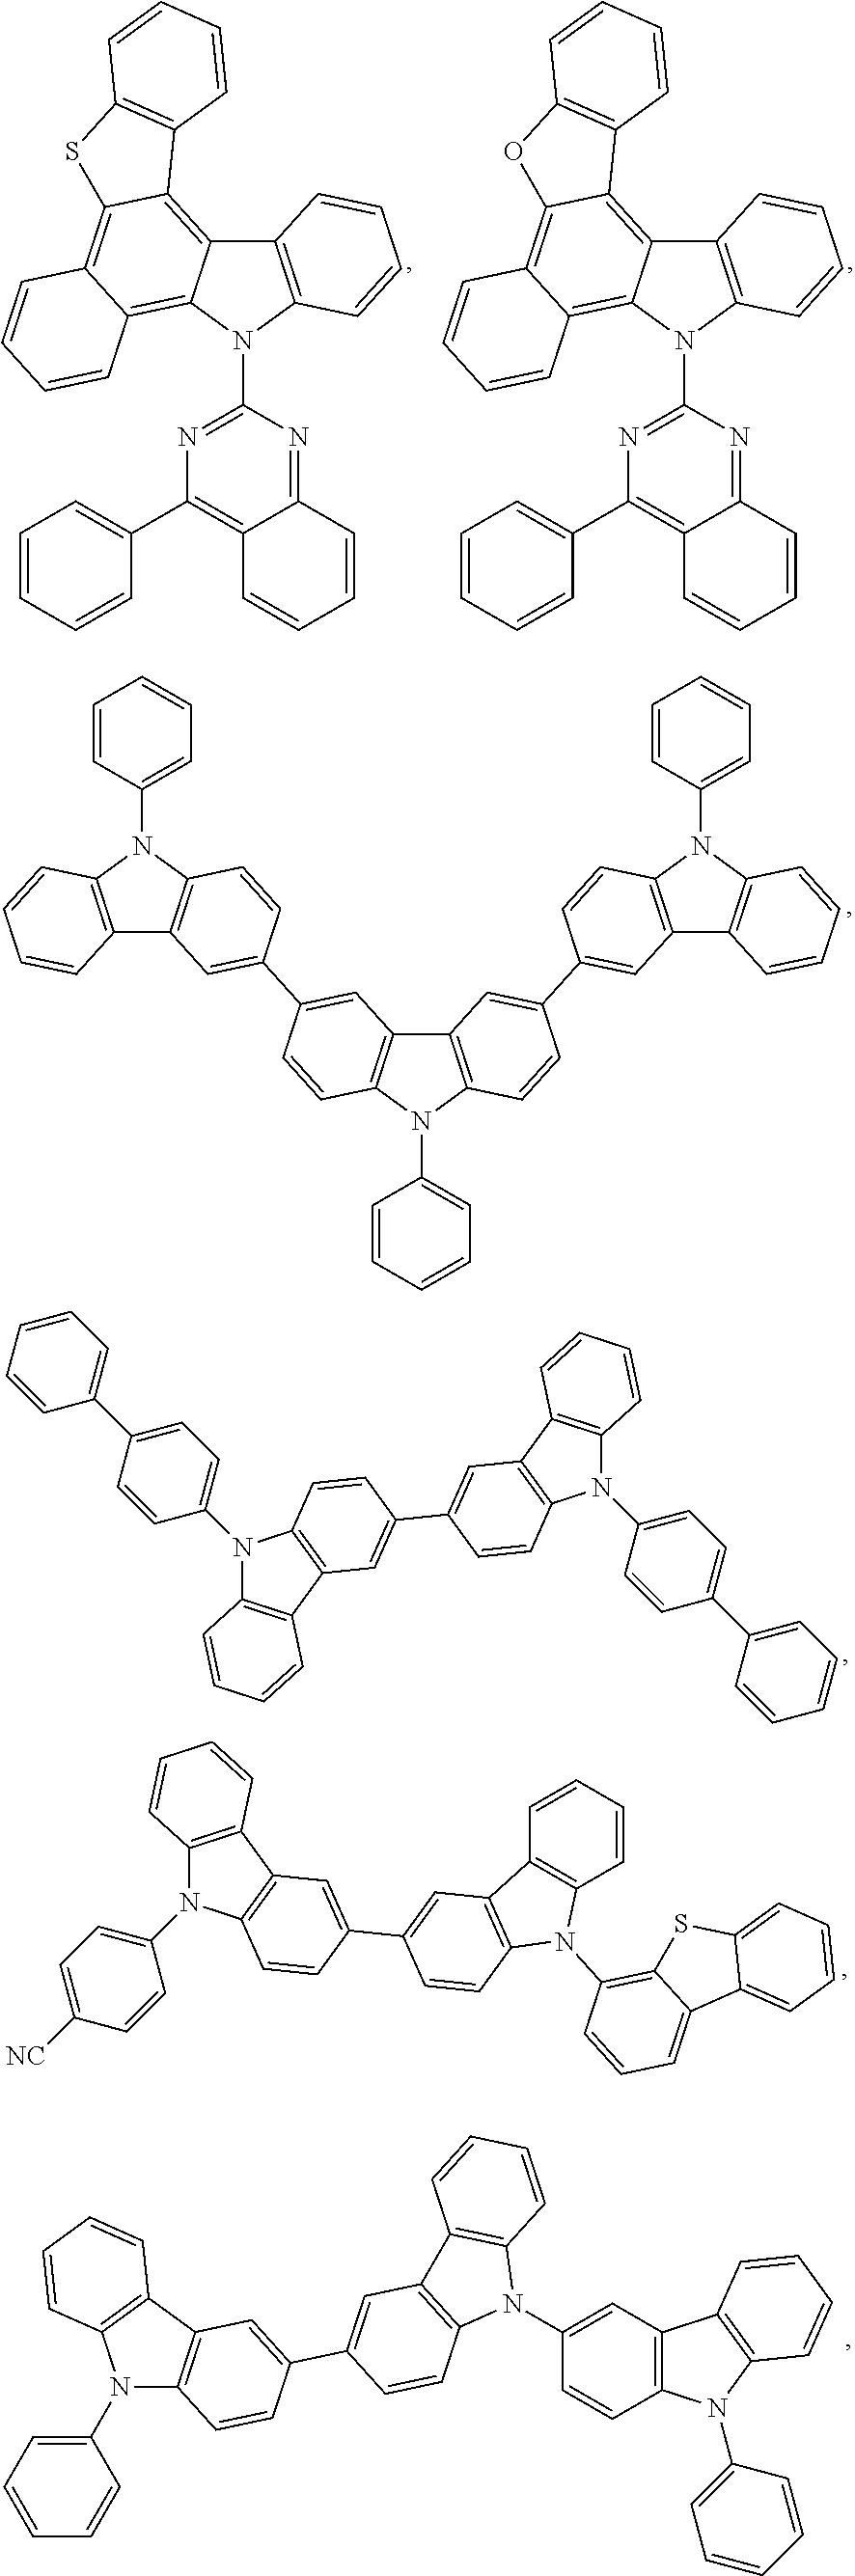 Figure US20180130962A1-20180510-C00129